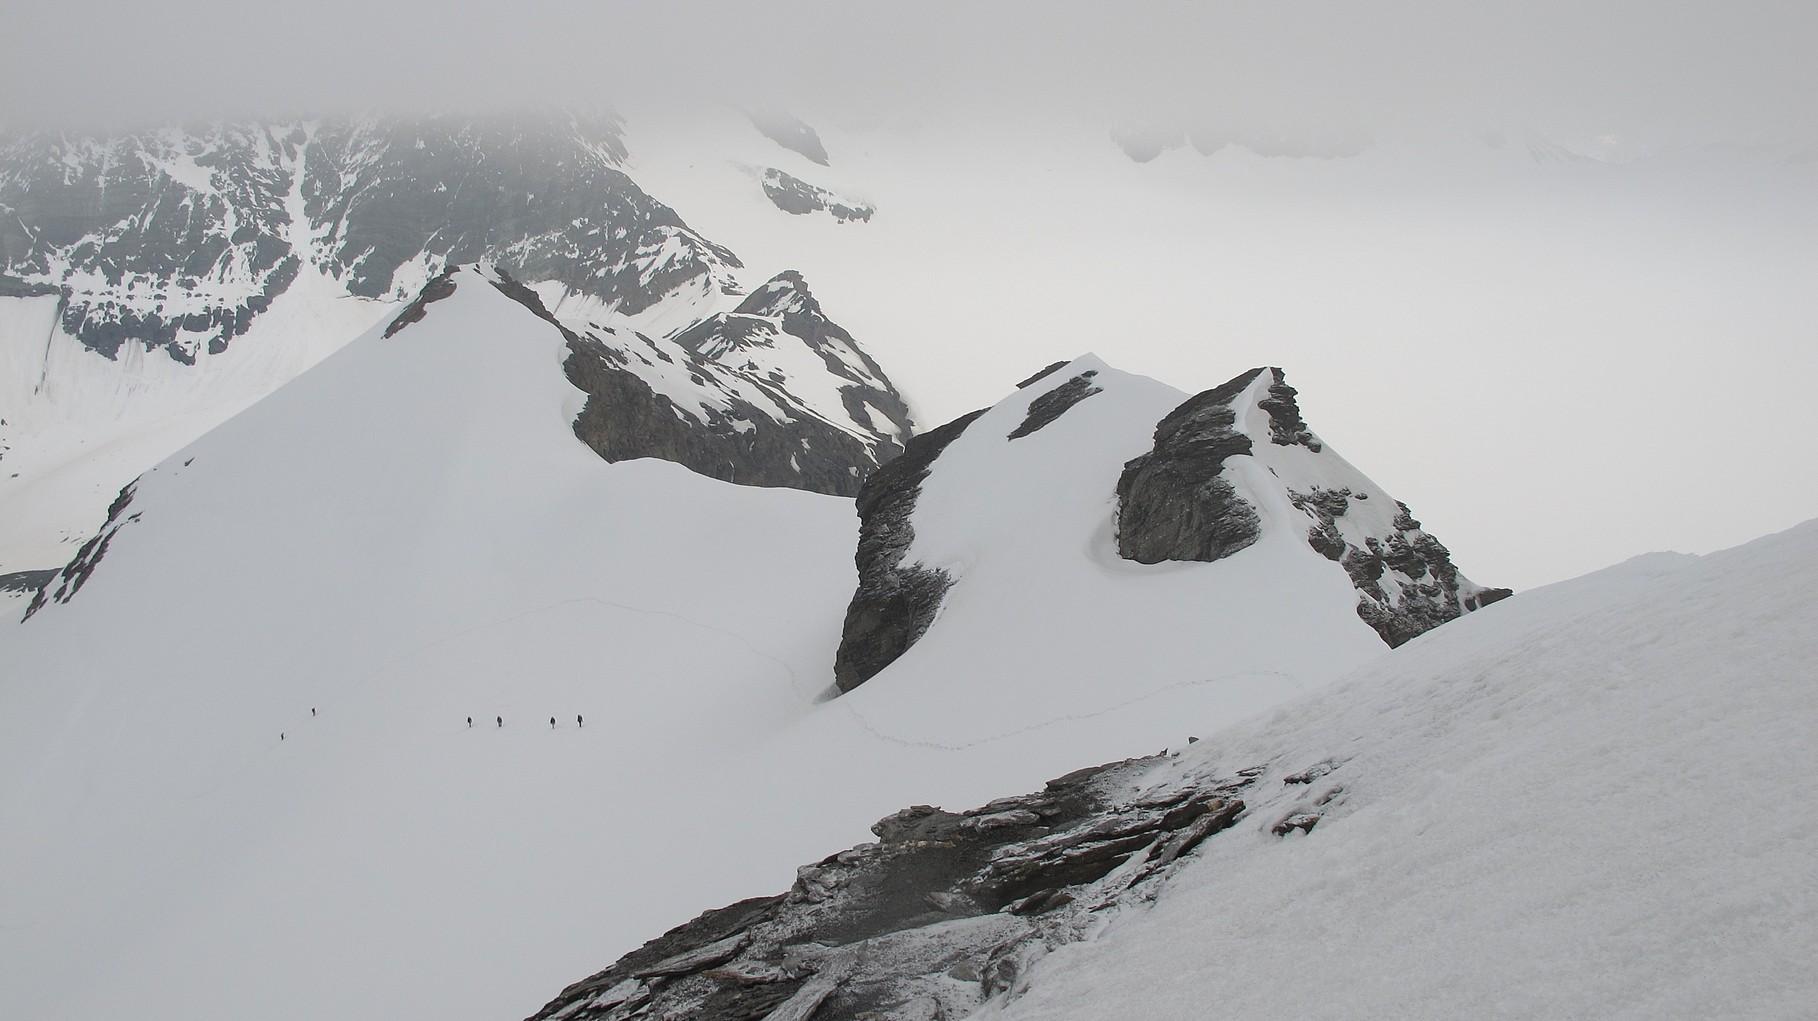 Rückblick zur Aufstiegsroute